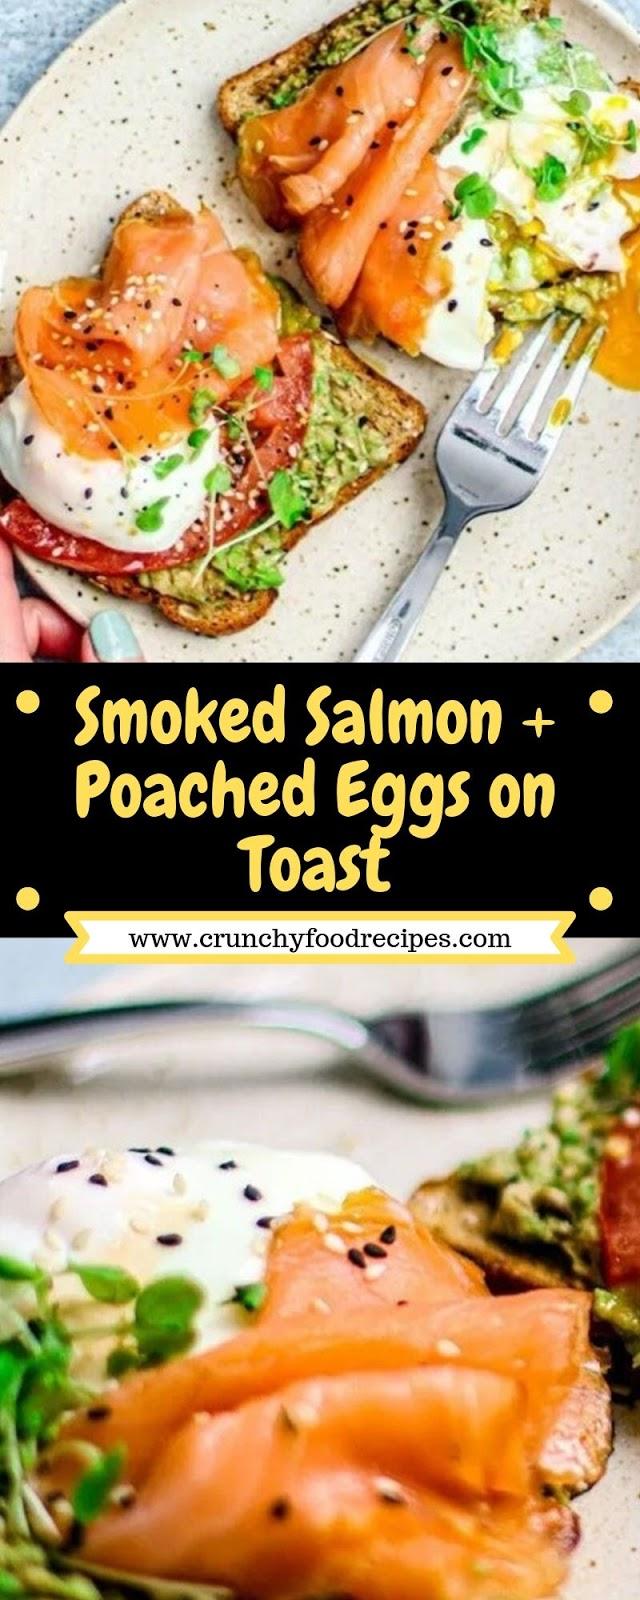 Smoked Salmon + Poached Eggs on Toast